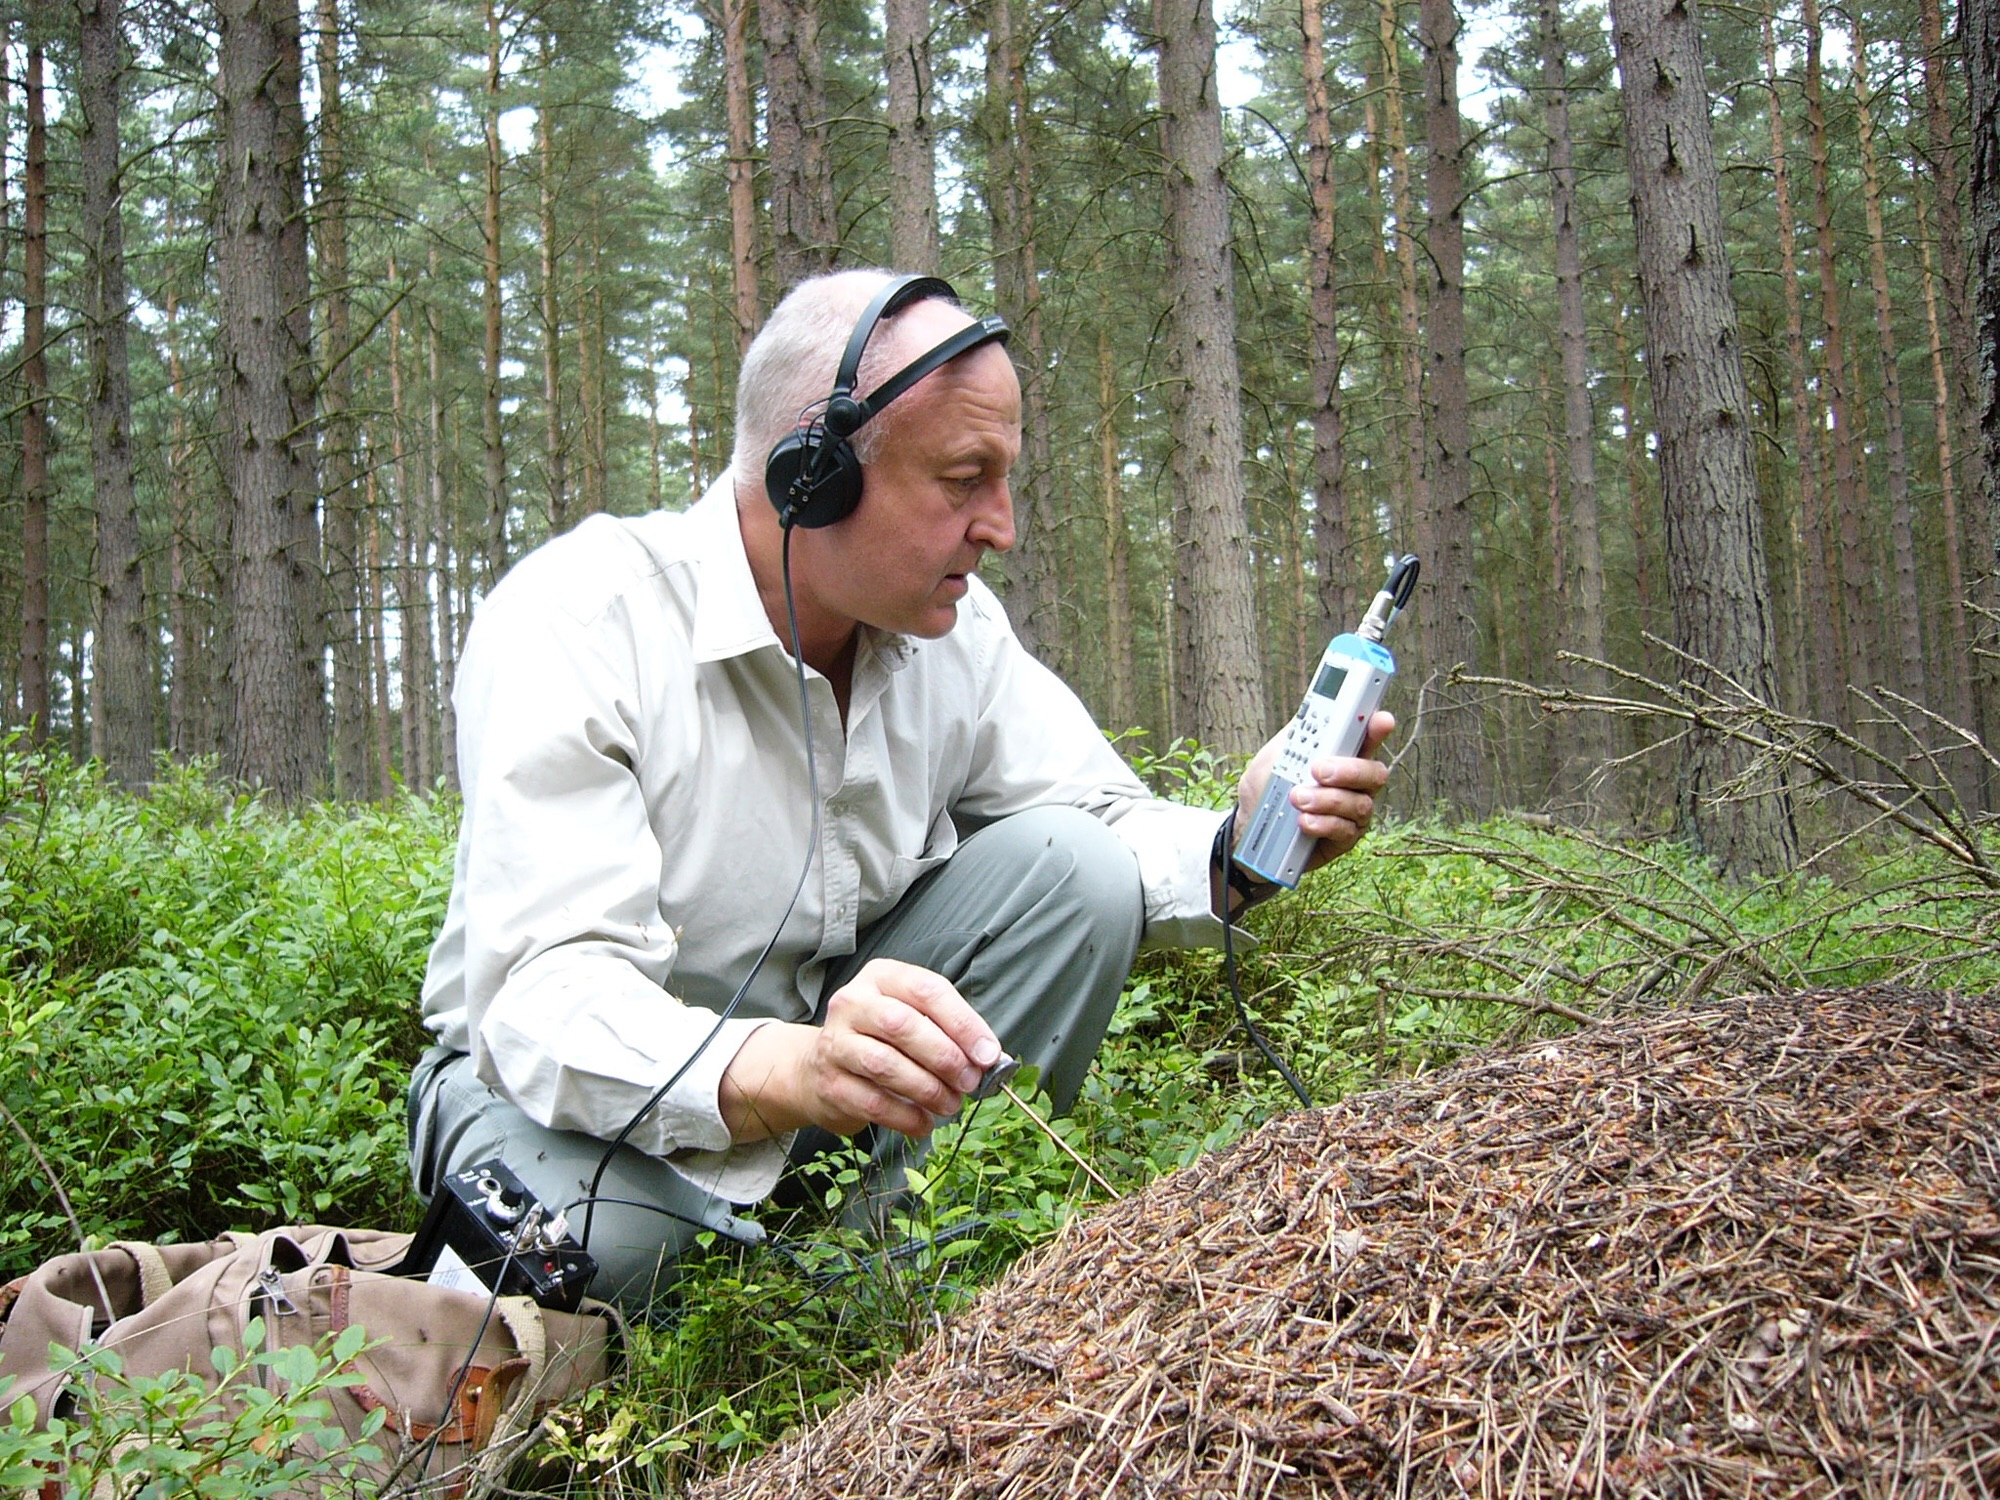 Chris Watson grabando ¿insectos? en un bosque.